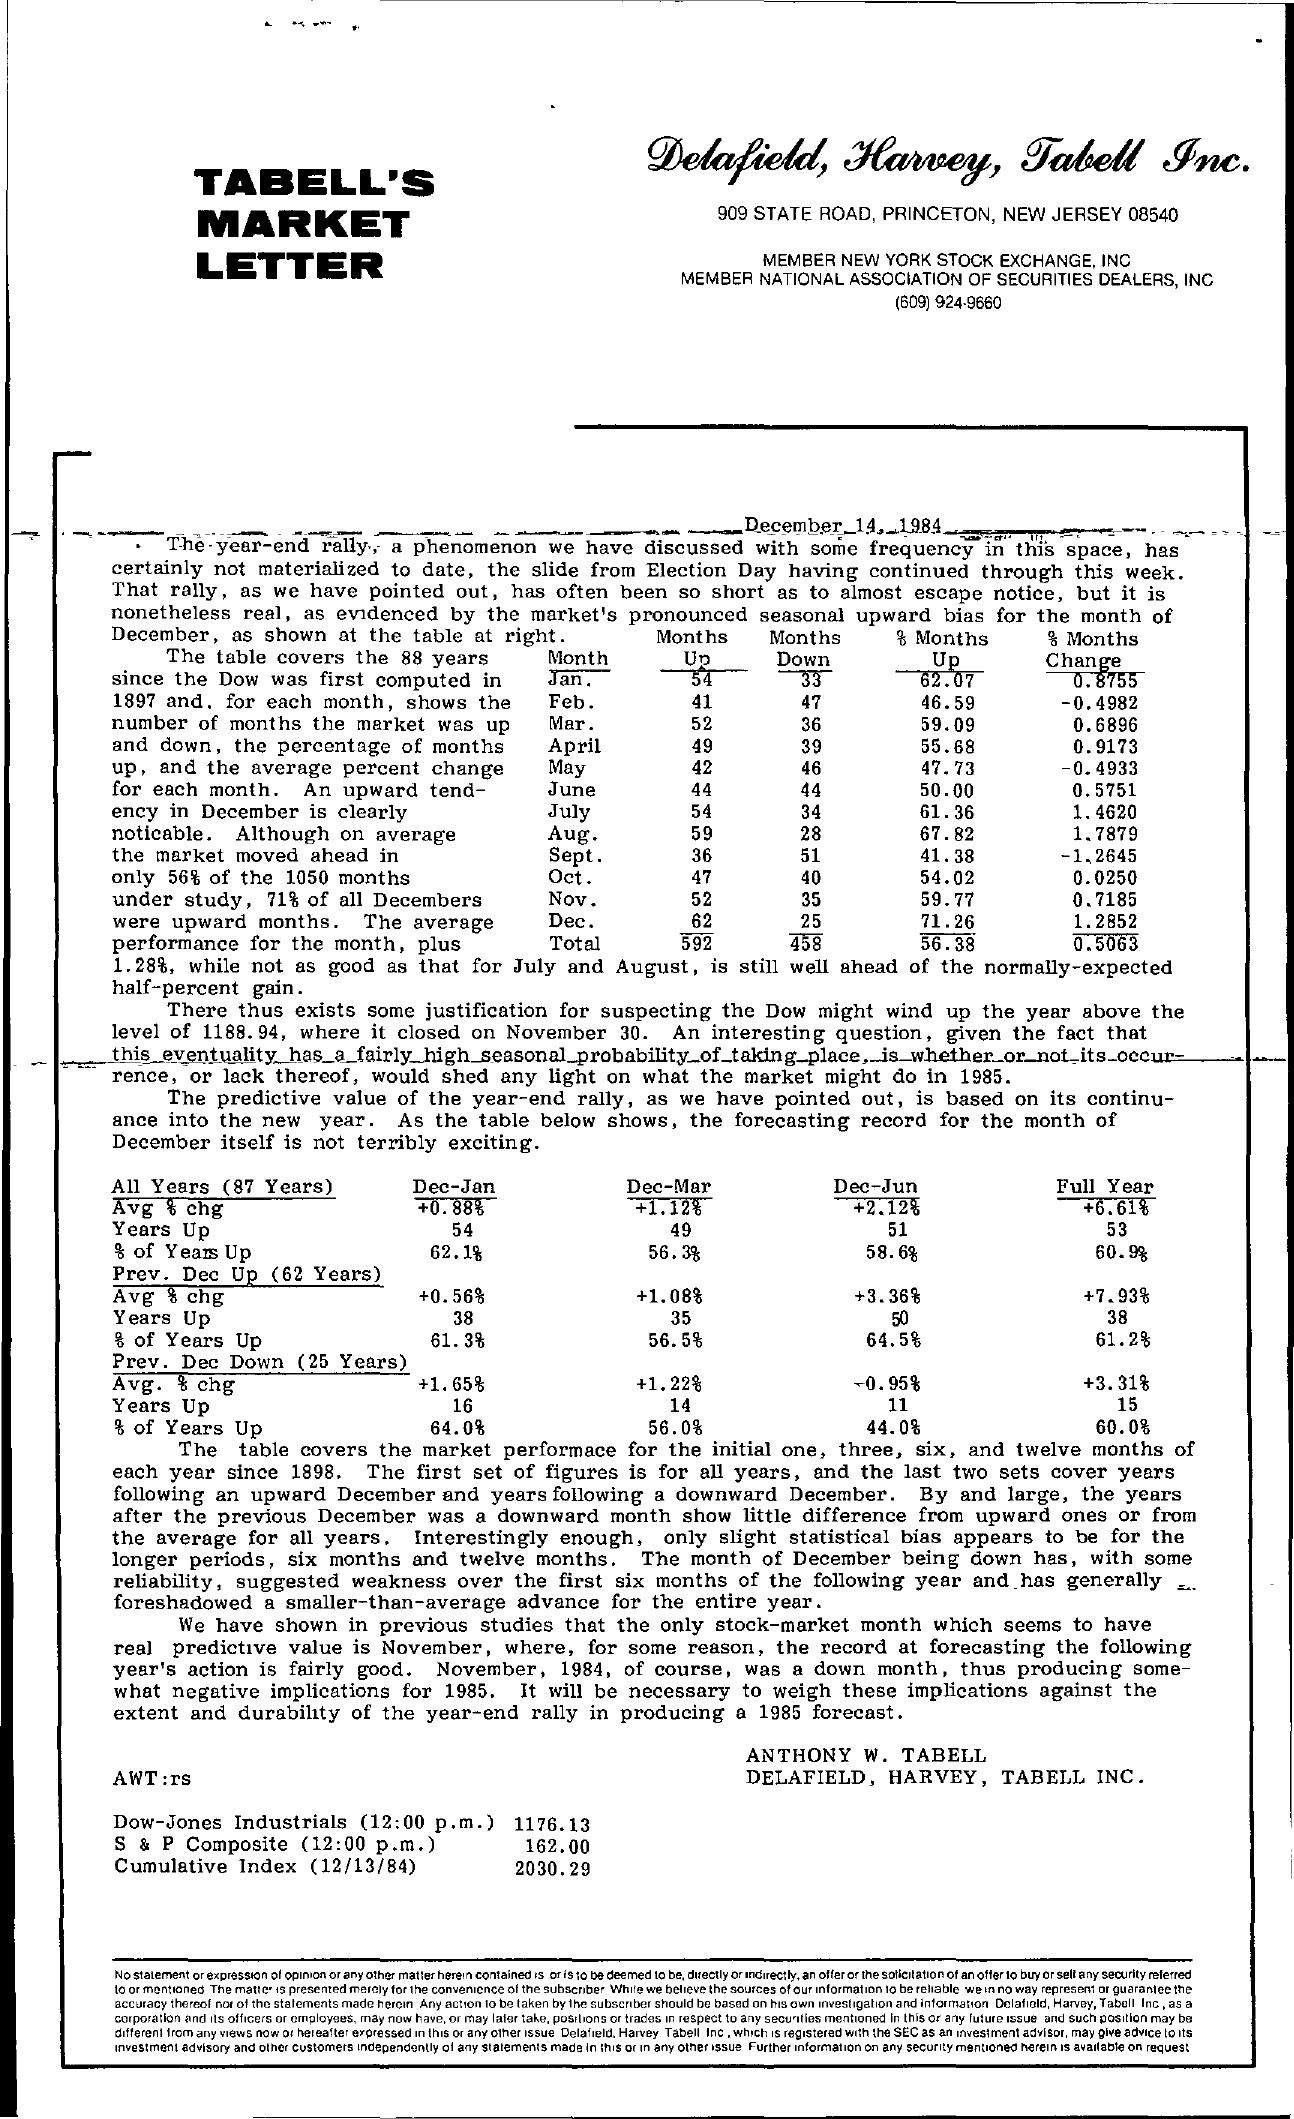 Tabell's Market Letter - December 14, 1984